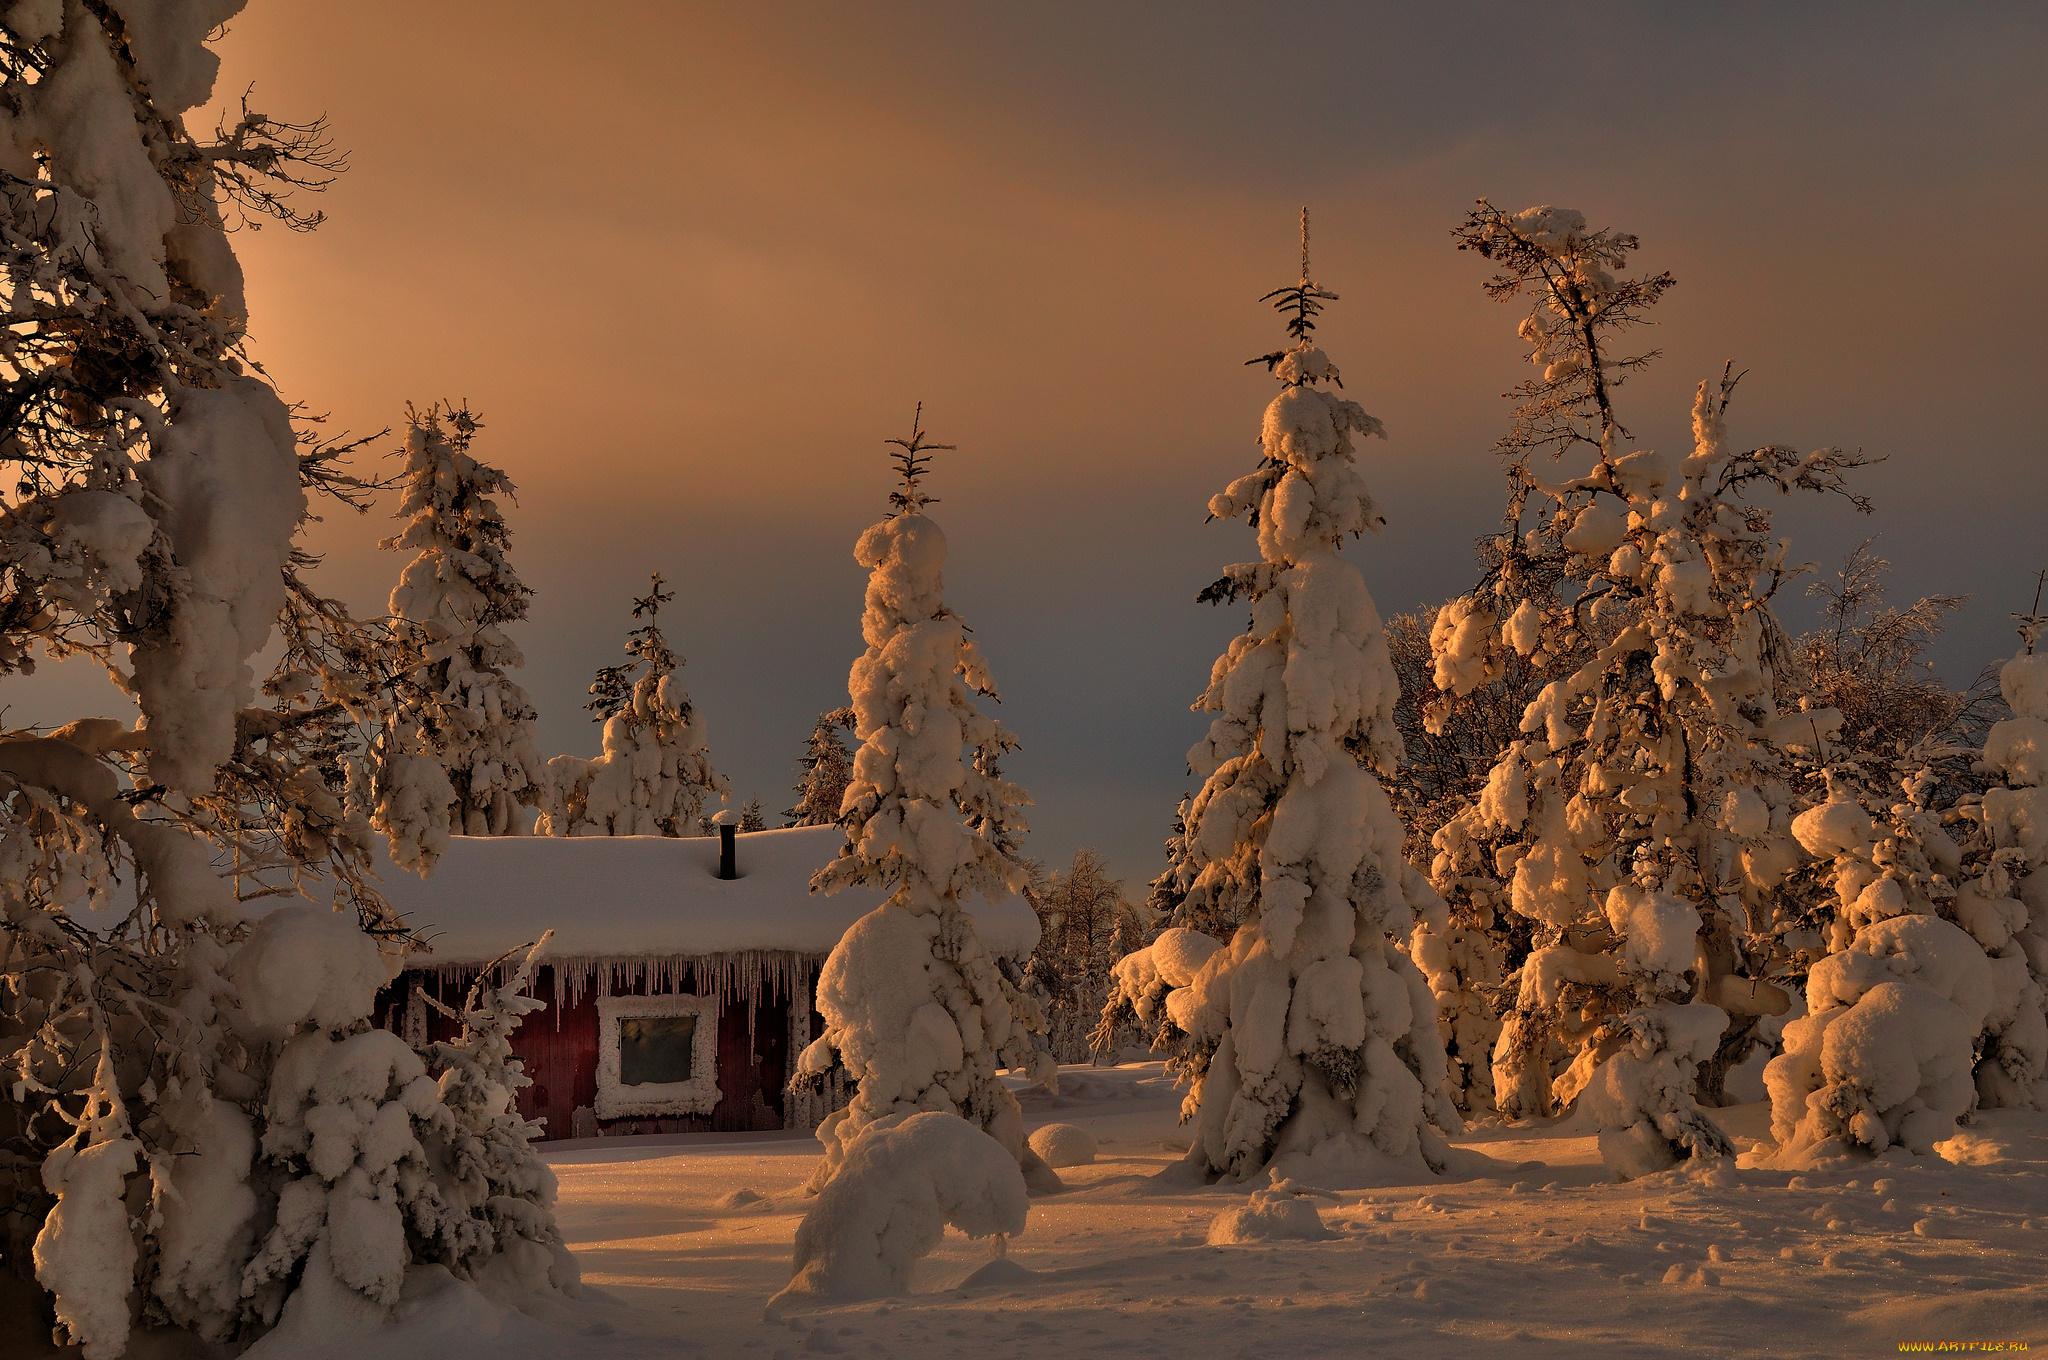 возьмёте фото новогодней ночи в природе вас друзьях